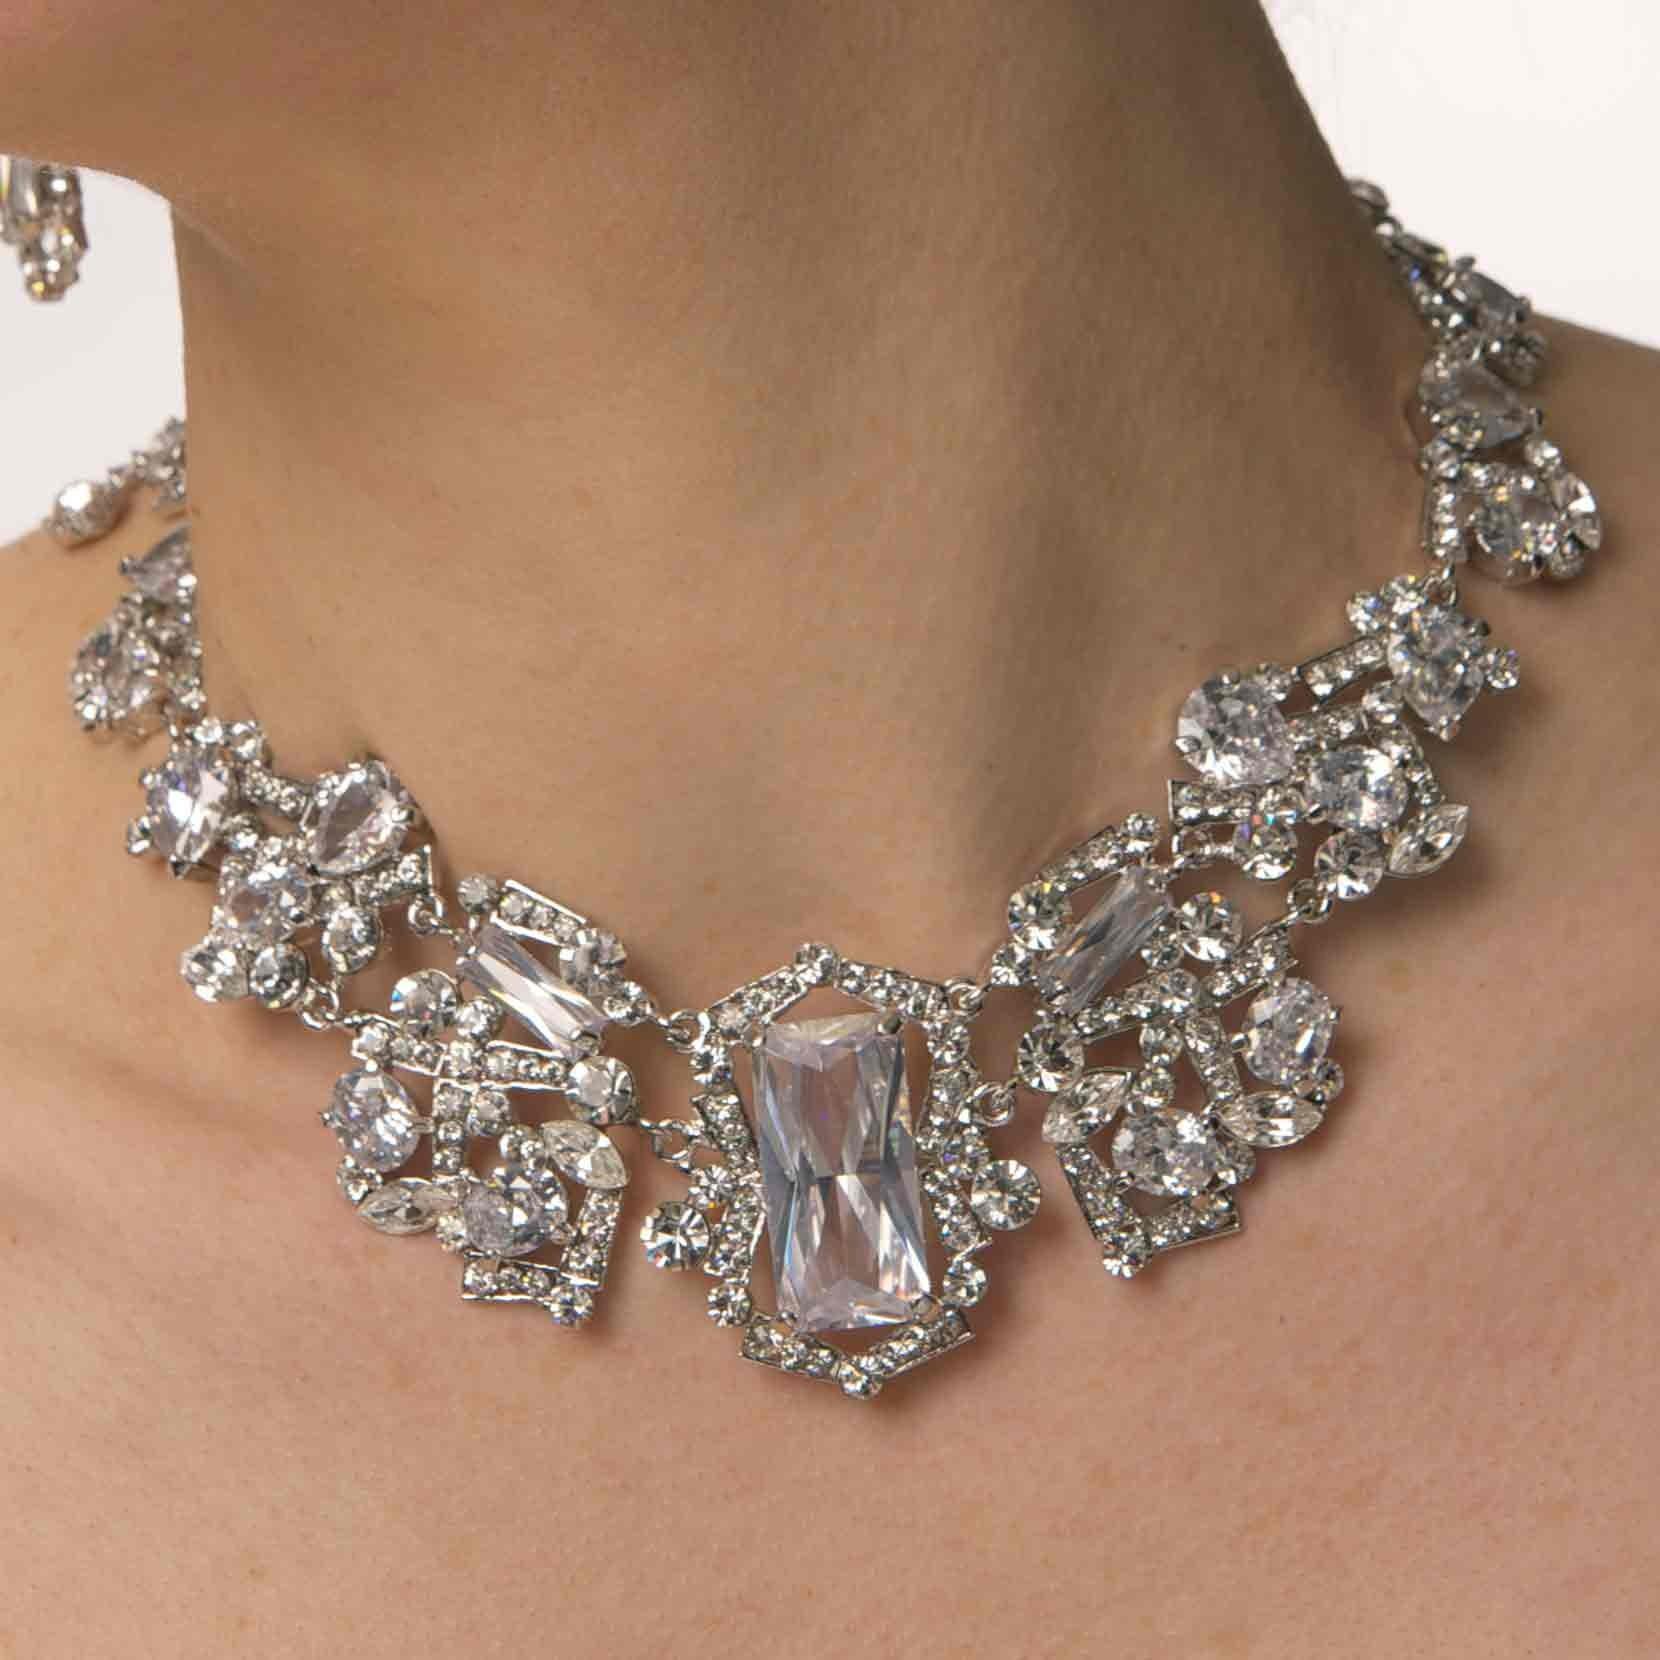 Big Fashion Jewelry Rings